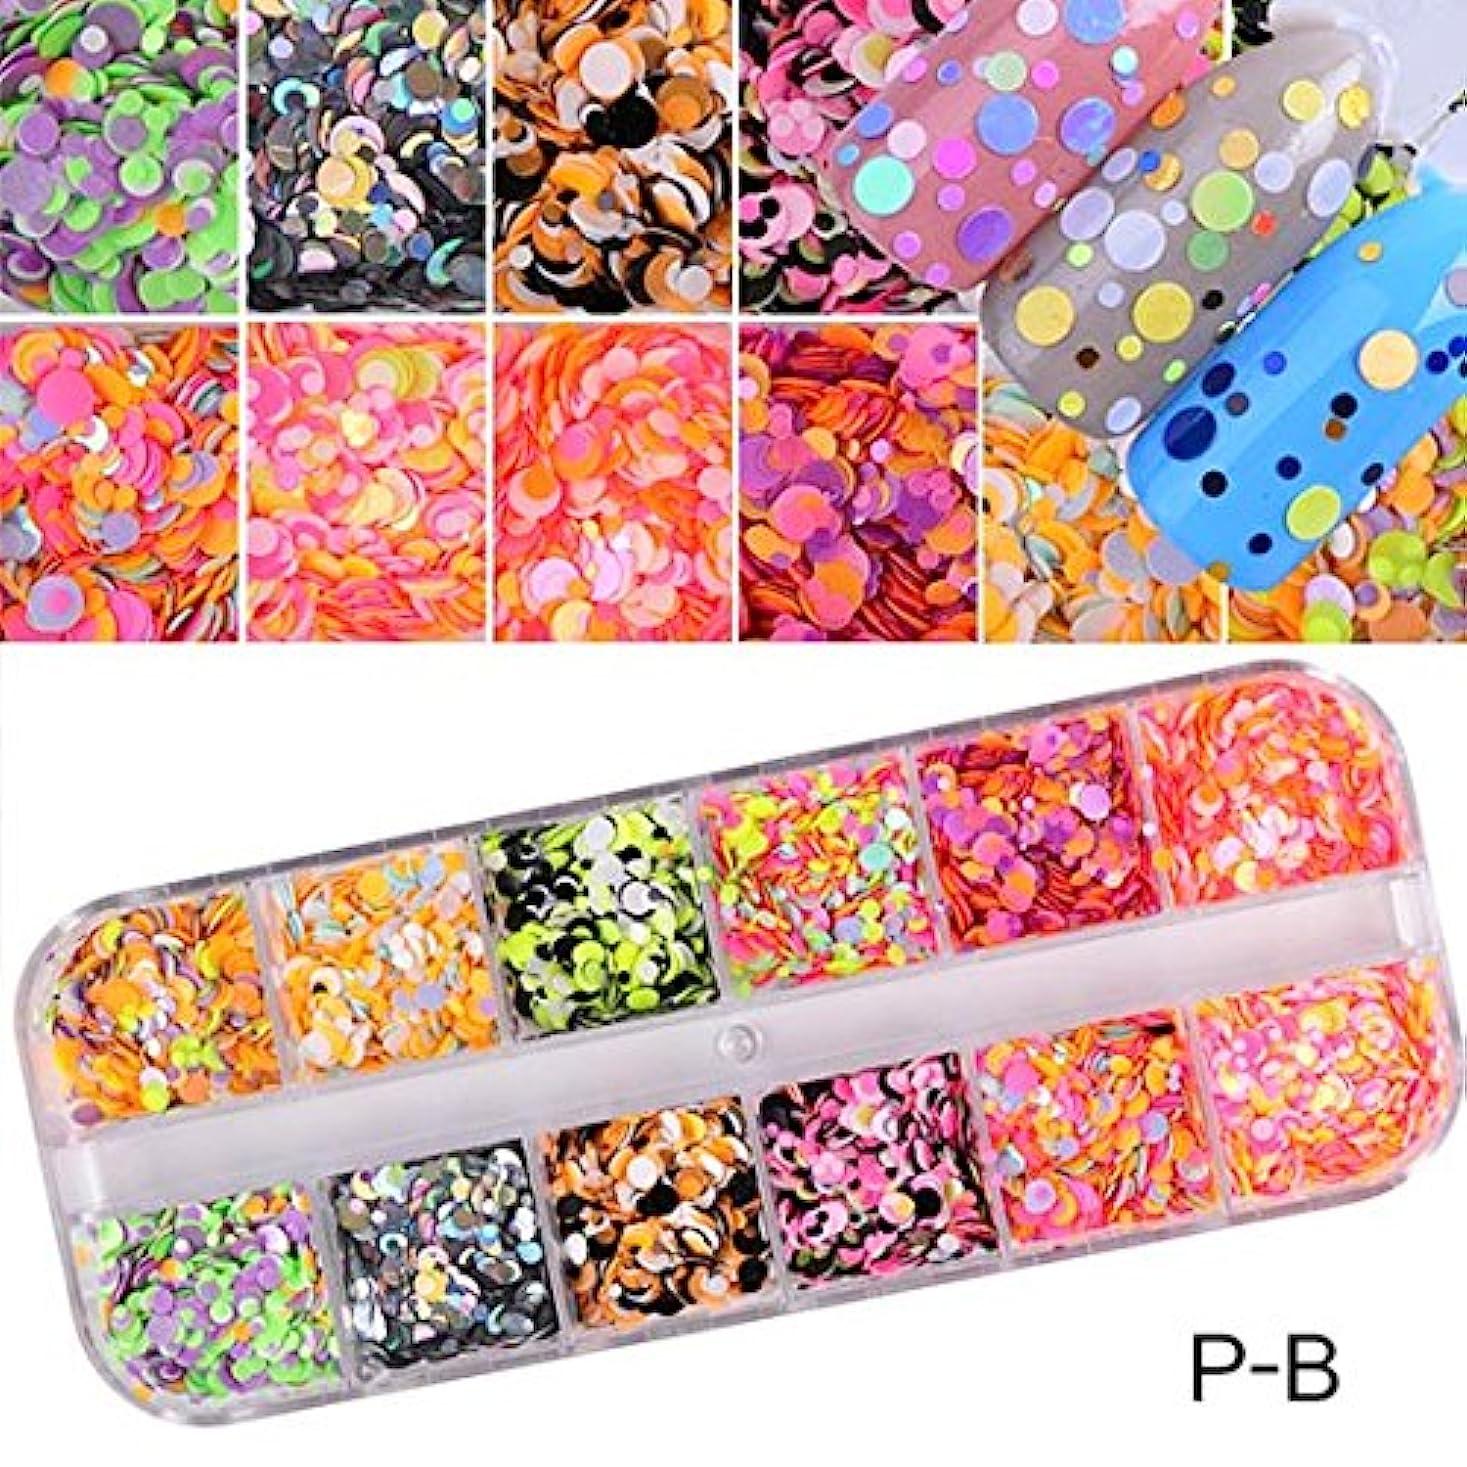 事業内容固める信頼性1 Set Dazzling Round Nail Glitter Sequins Dust Mixed 12 Grids 1/2/3mm DIY Charm Polish Flakes Decorations Manicure Tips Kit